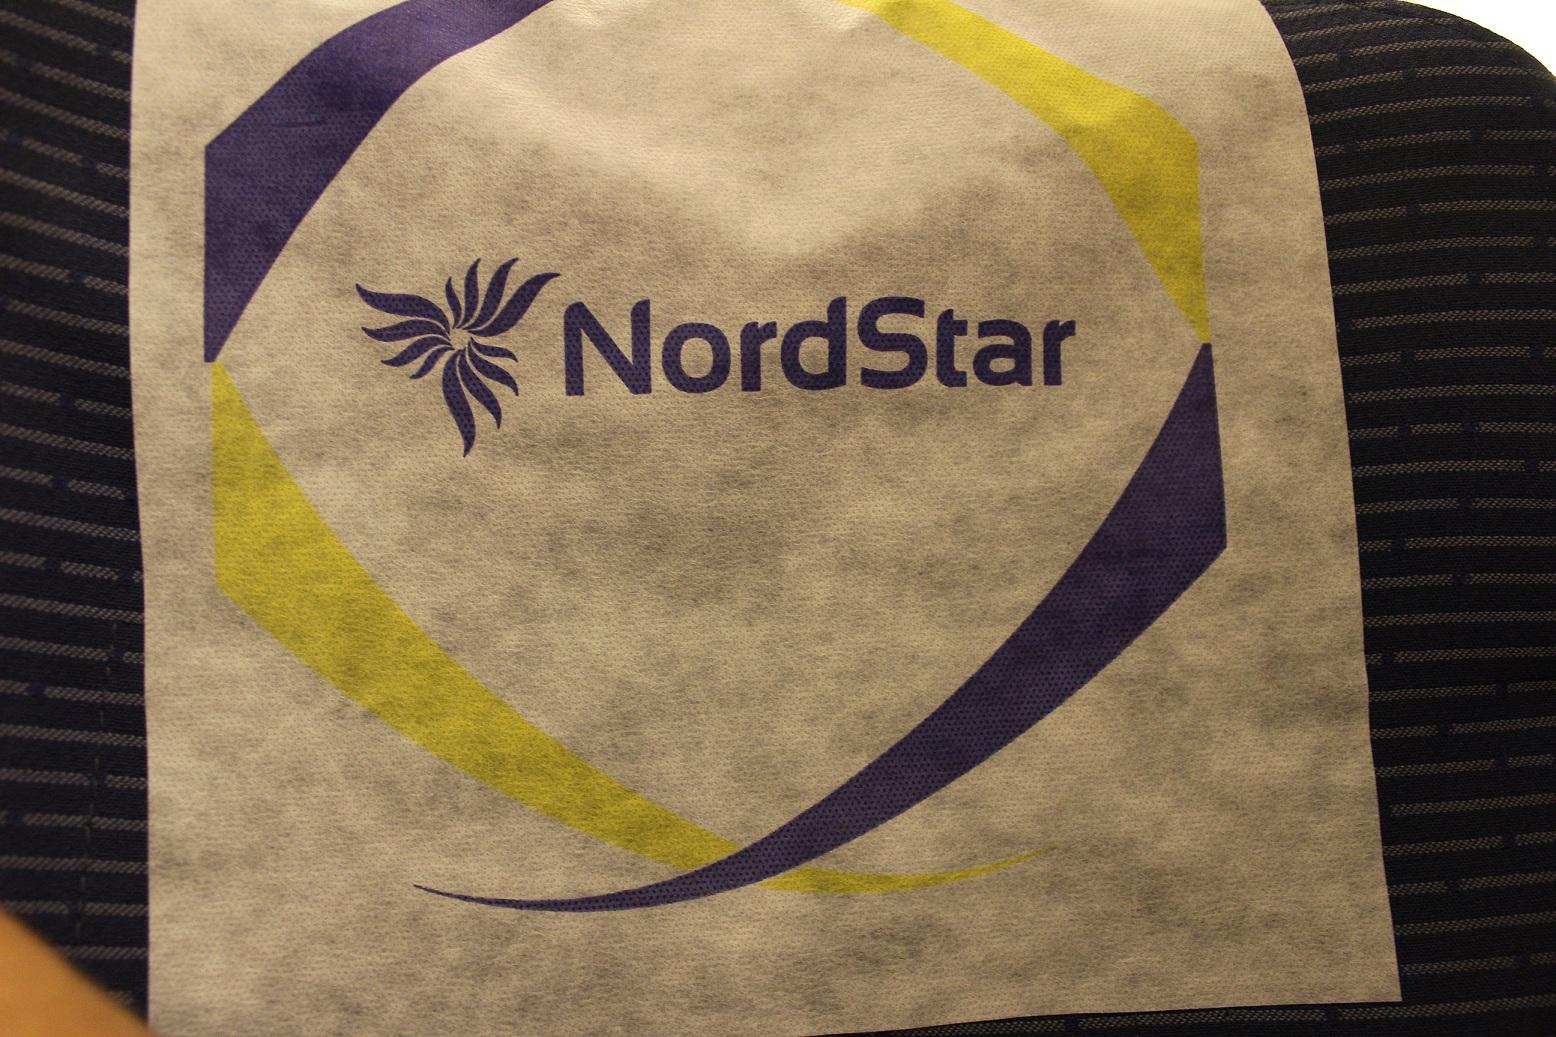 Подголовник авиакомпании NordStar (Таймыр)